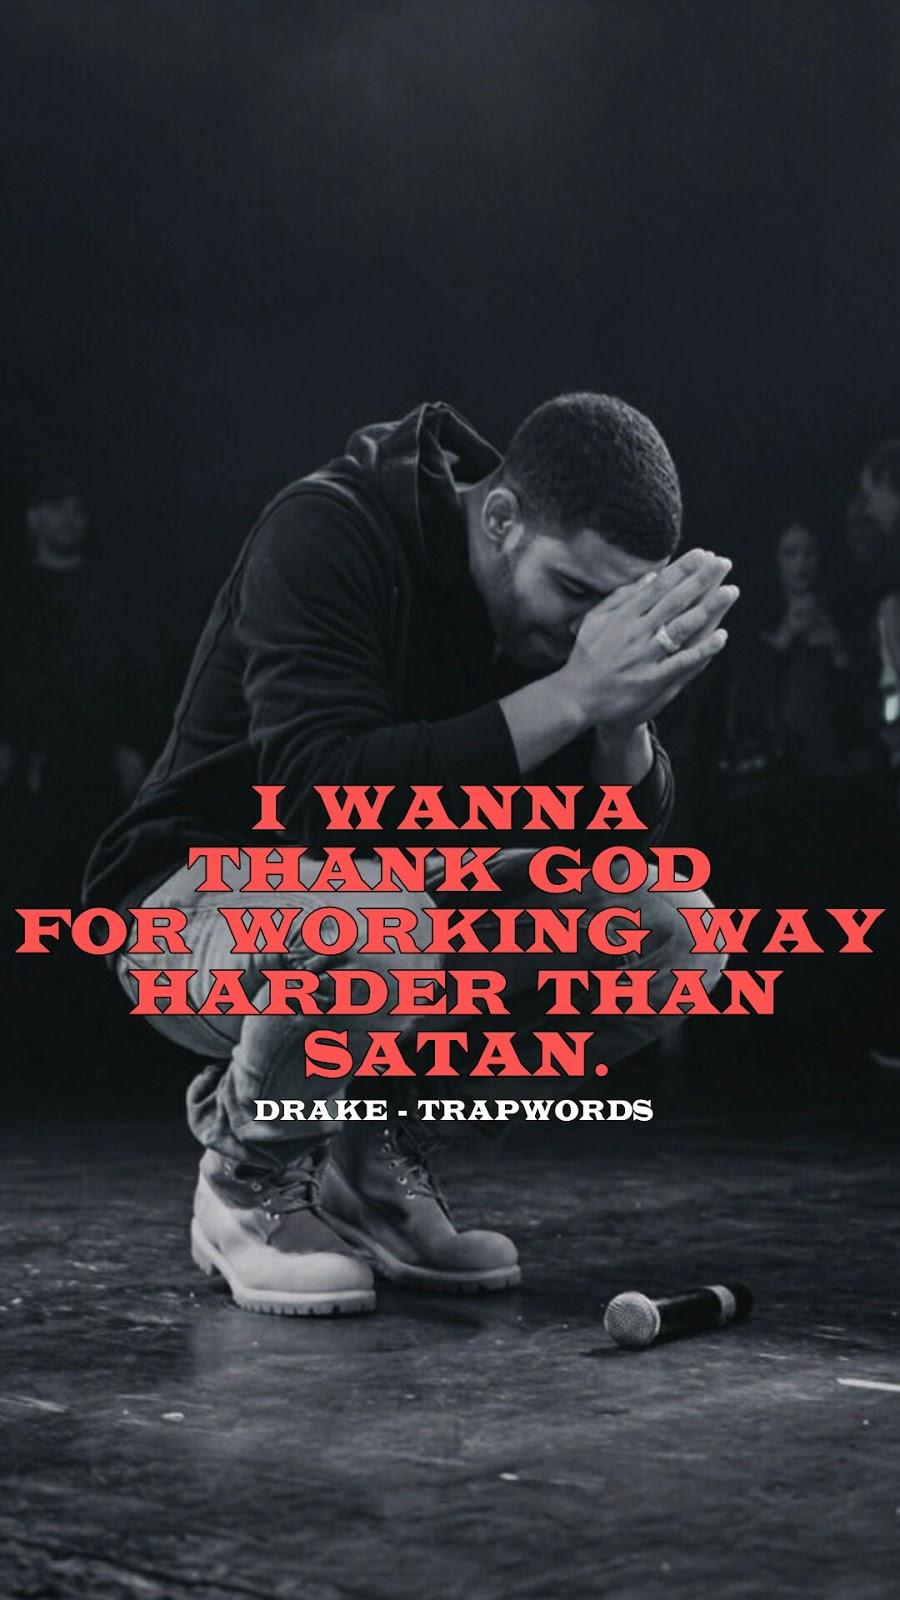 Drake Scorpion album lyrics and quotes